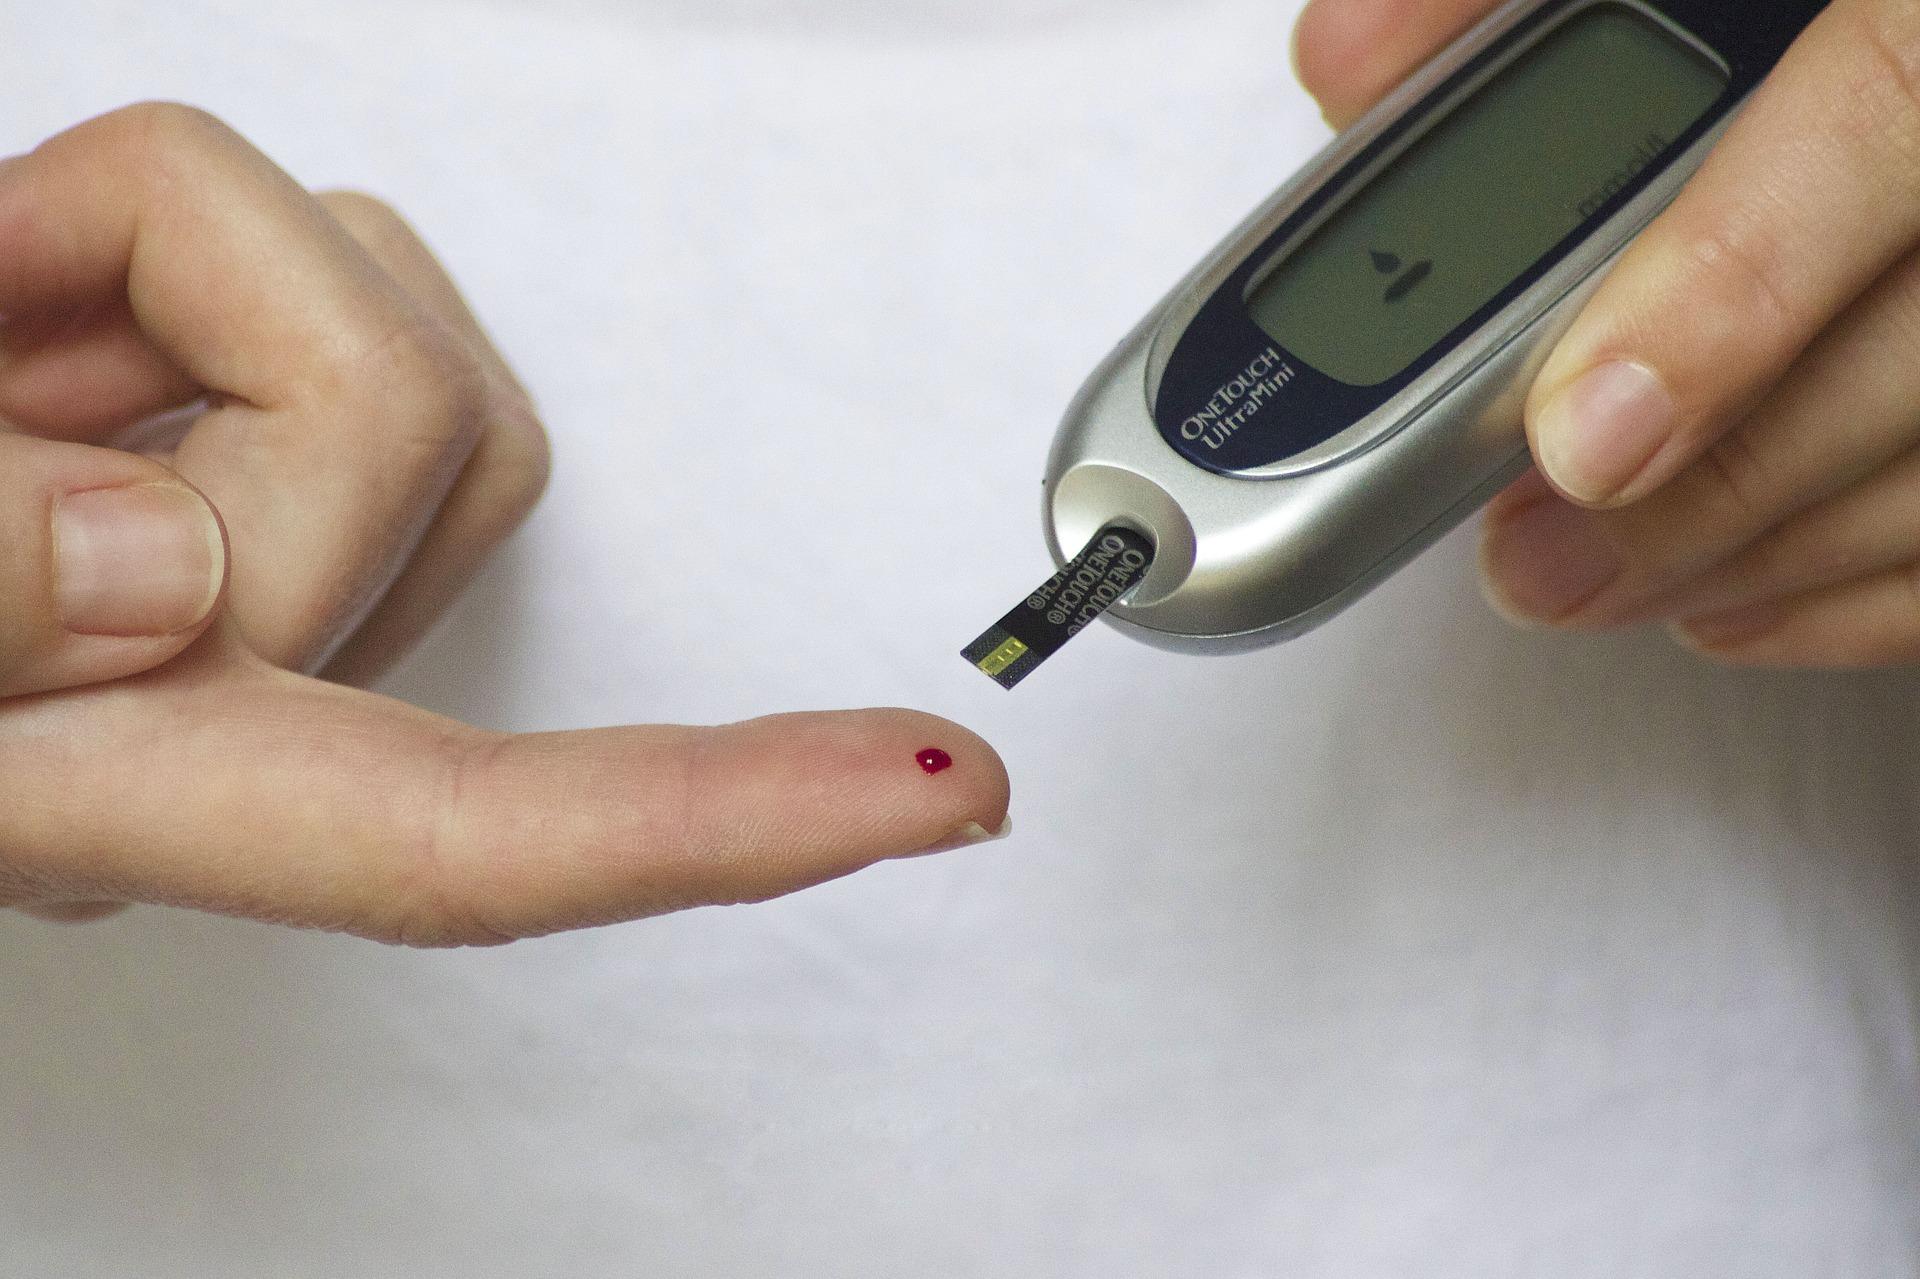 Giornata mondiale contro il diabete: si può fare il test ad Alba e a Bra